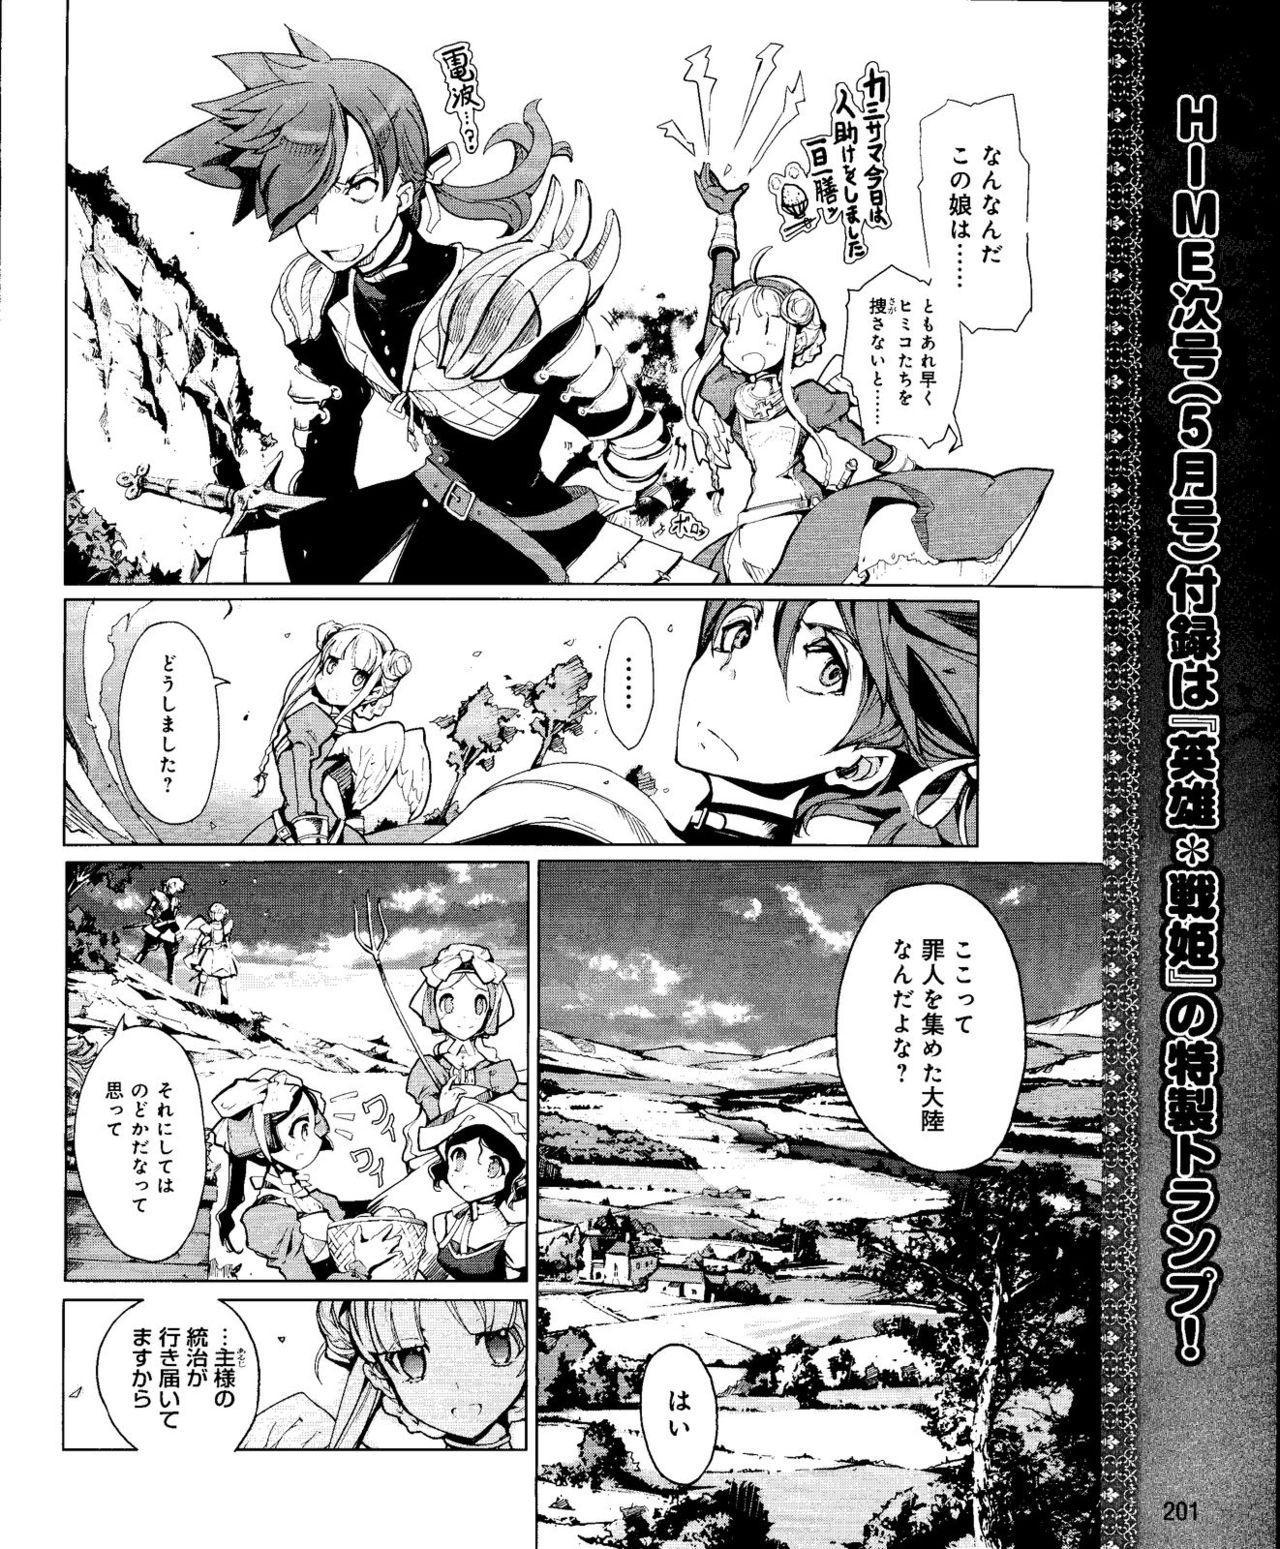 Eiyuu*Senki Vol.01 Ch.05 & Vol.02 Ch.07 3